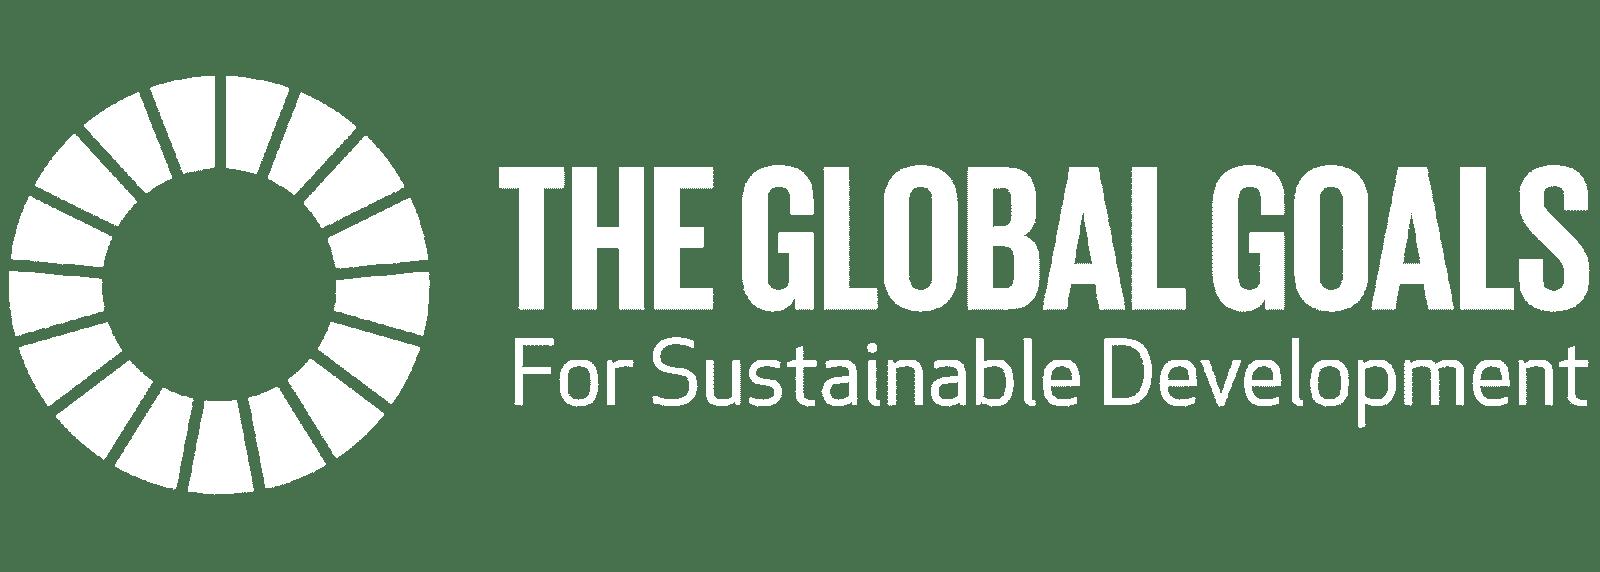 The SDG Goals